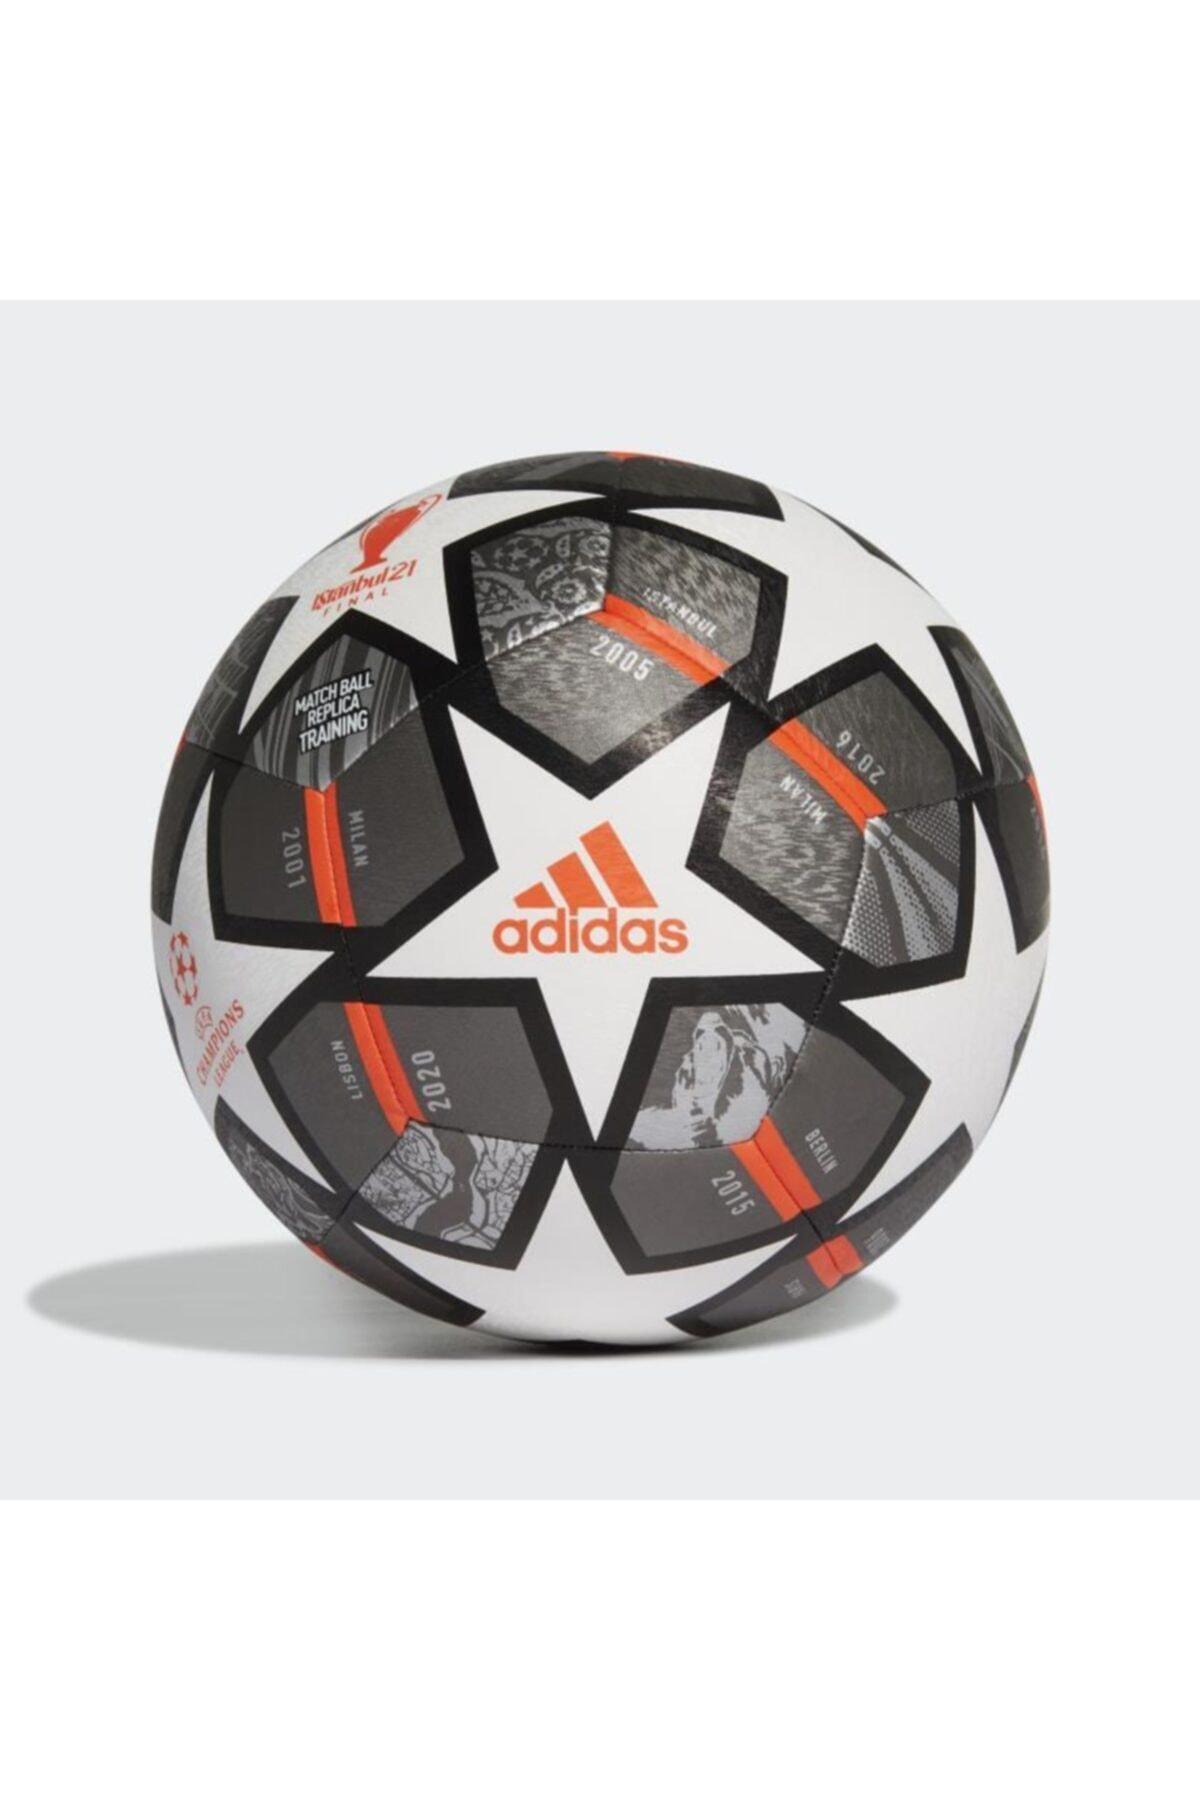 adidas Gk3476 Fınale Şampiyonlar Ligi Futbol Antrenman Topu 1